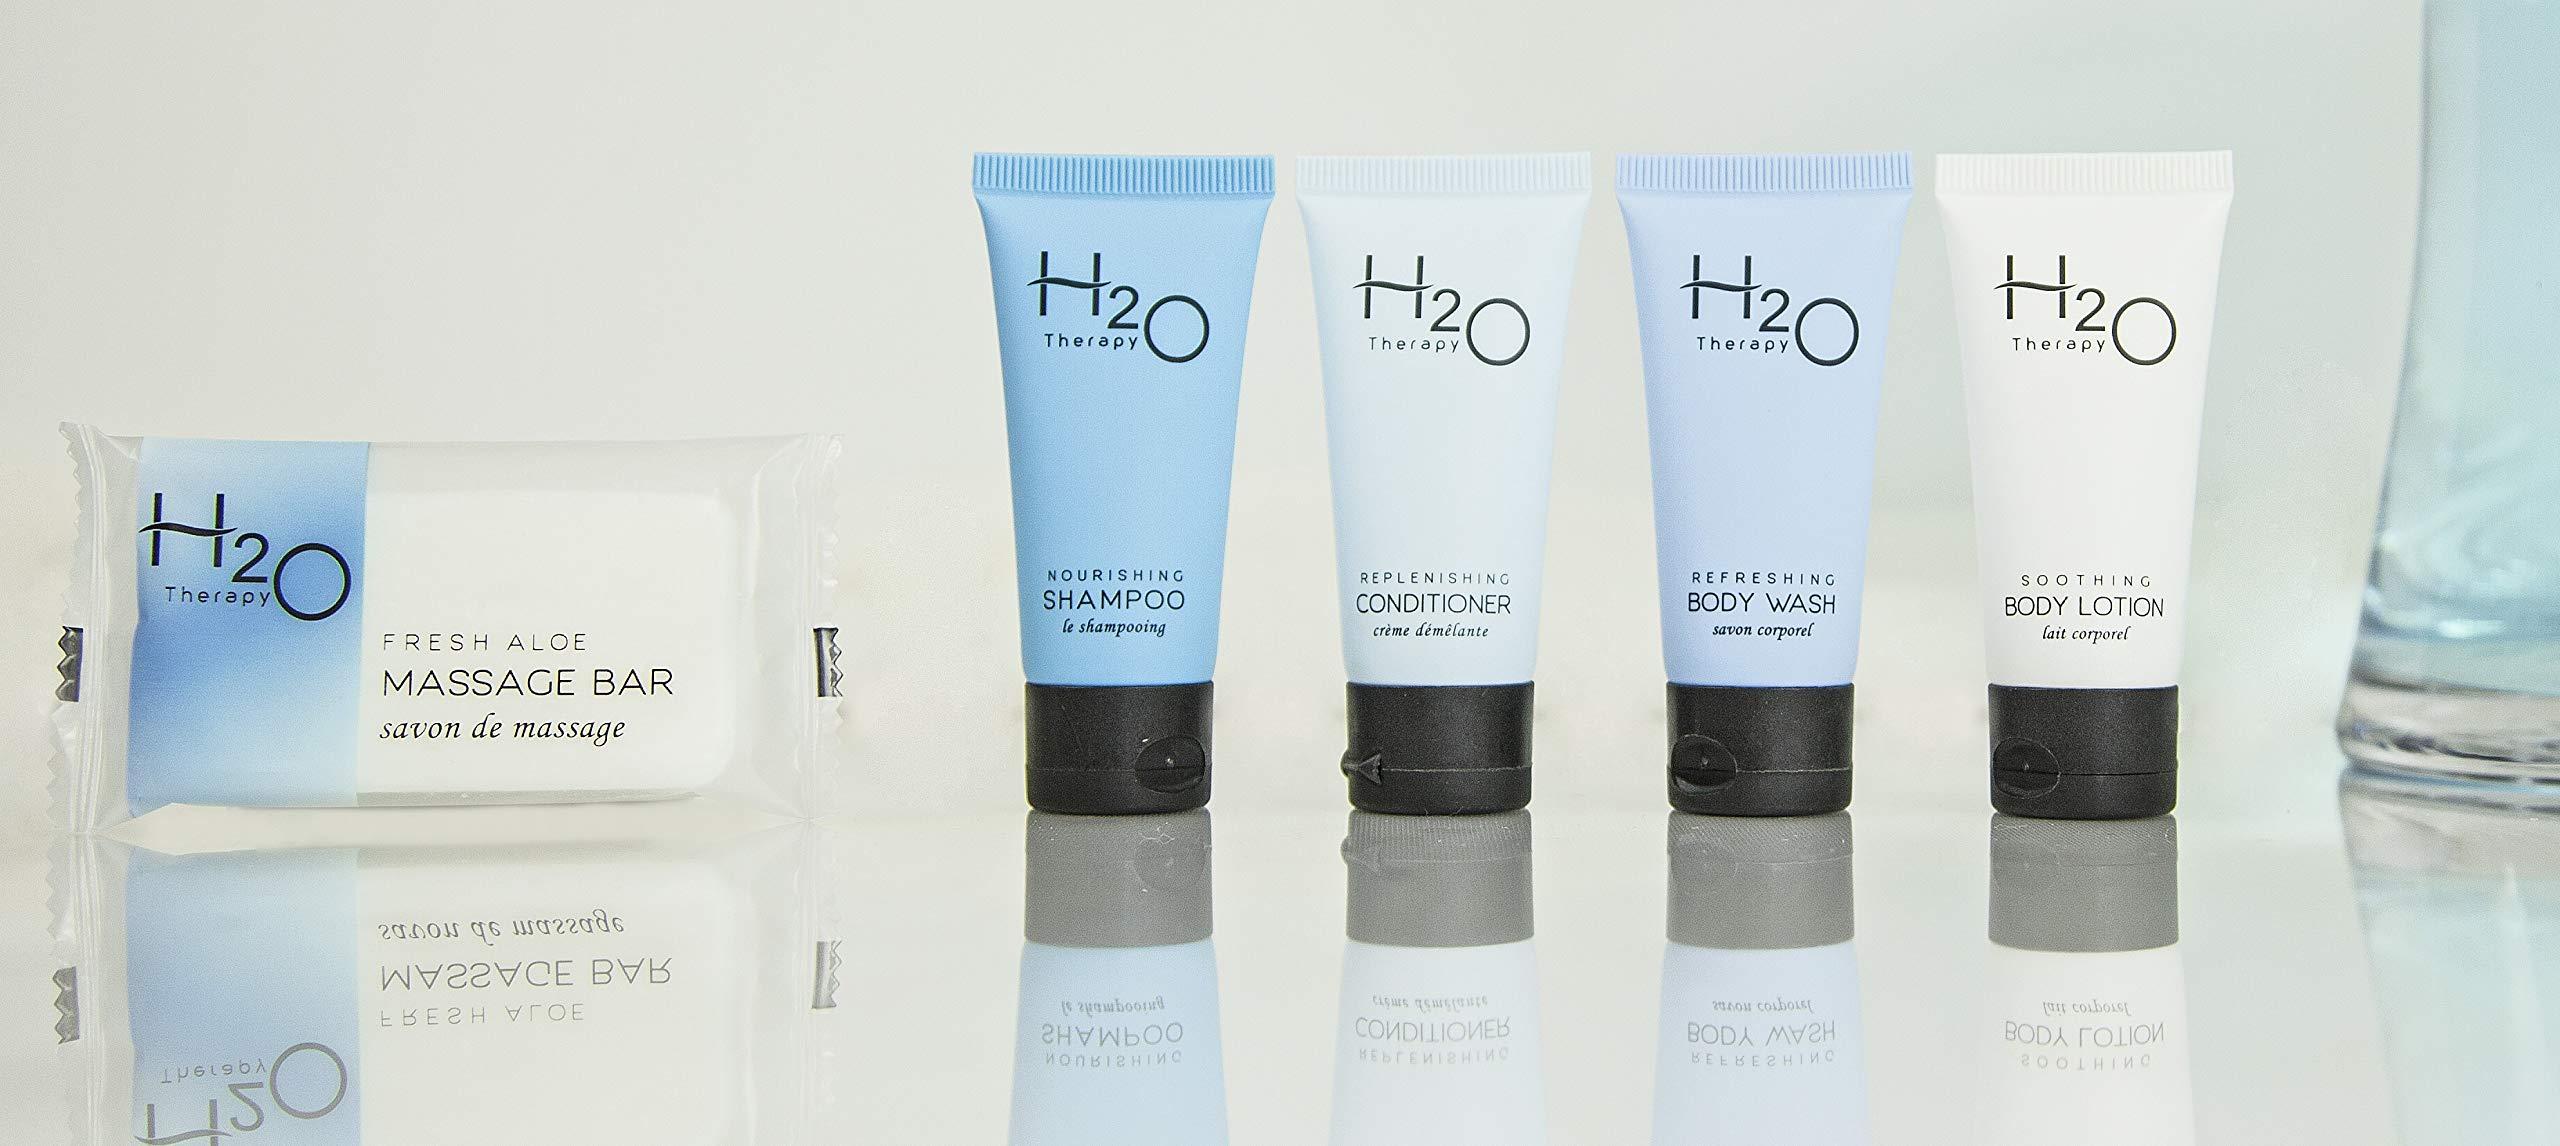 H2O Nourishing Shampoo - H2O products